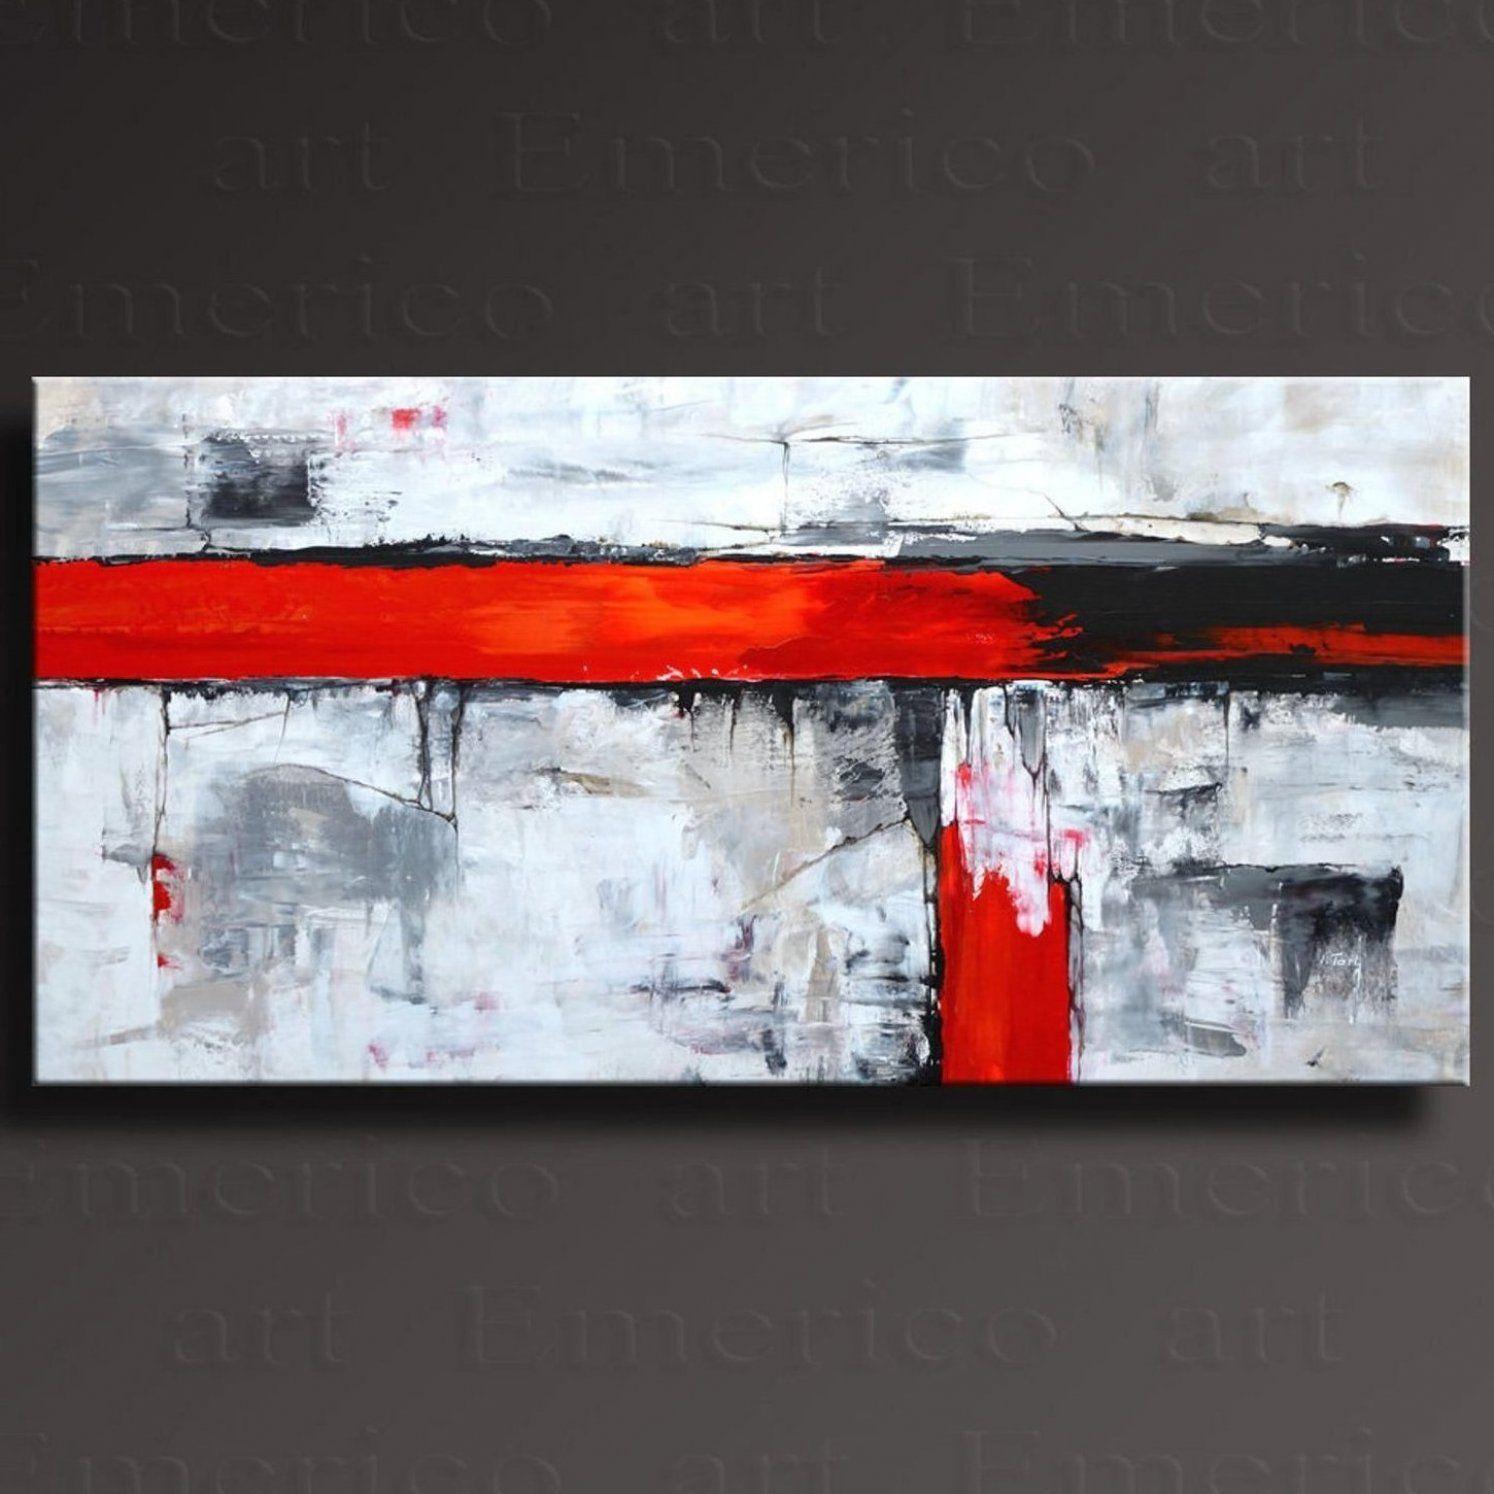 48 original abstrakte malerei schwarz wei grau rot etsy wohnkulturwohnzimmer wohnkulturwohnzimmerdiy moderne kunst abstrakt spachteltechnik berühmte bilder